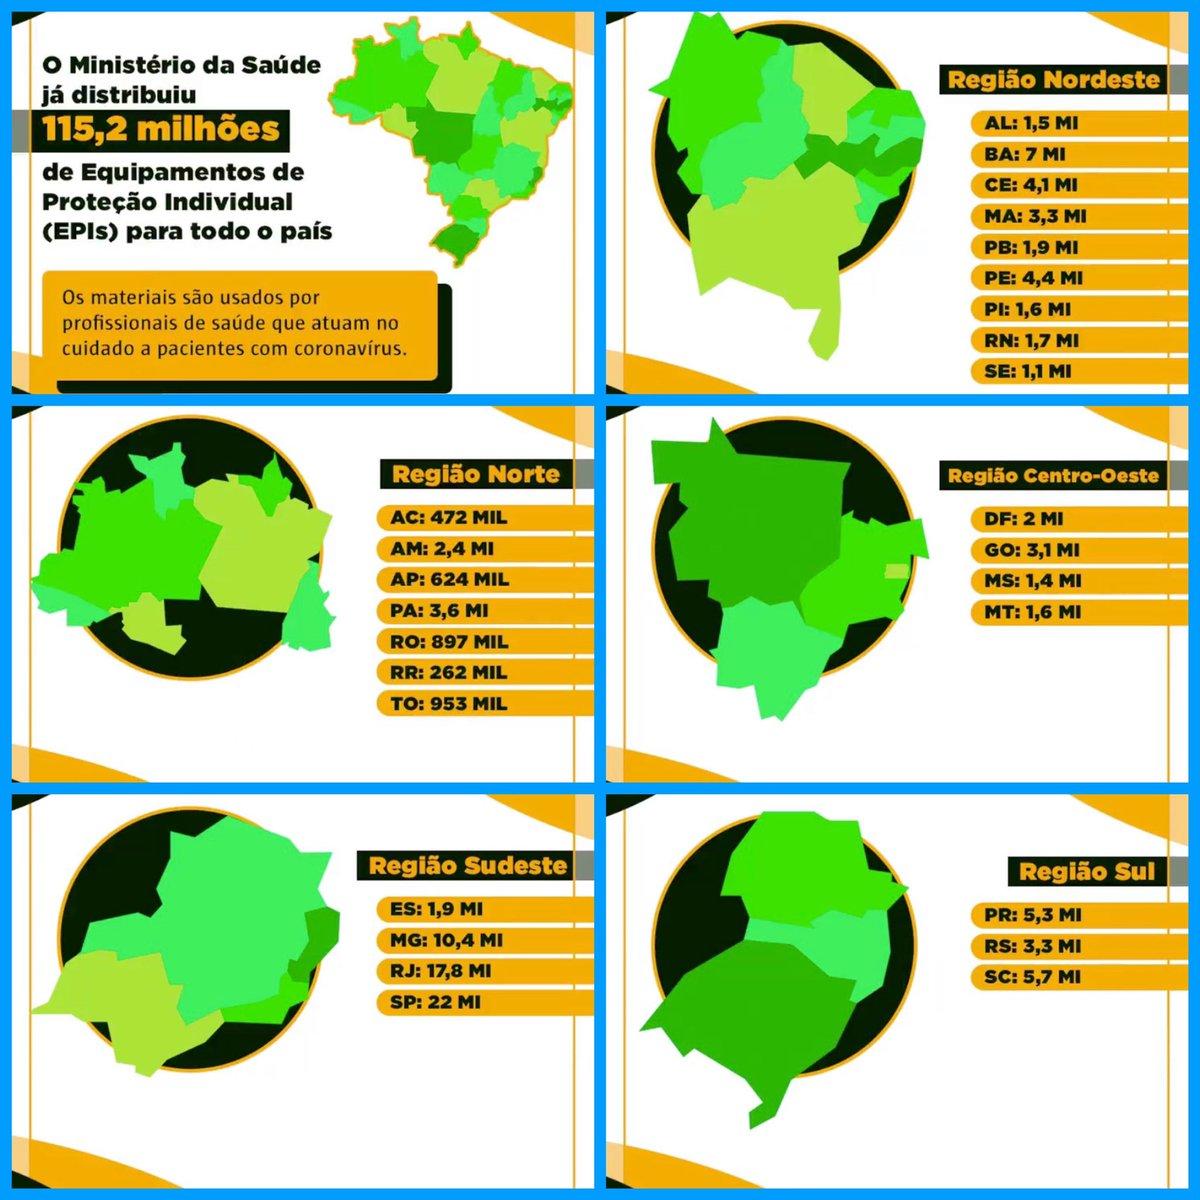 Segue resumo de divulgação diária do trabalho do Governo do Brasil:  1.1- O @minsaude já distribuiu mais de 115 milhões de equipamentos de proteção individual para todo o Brasil. Saiba Mais: